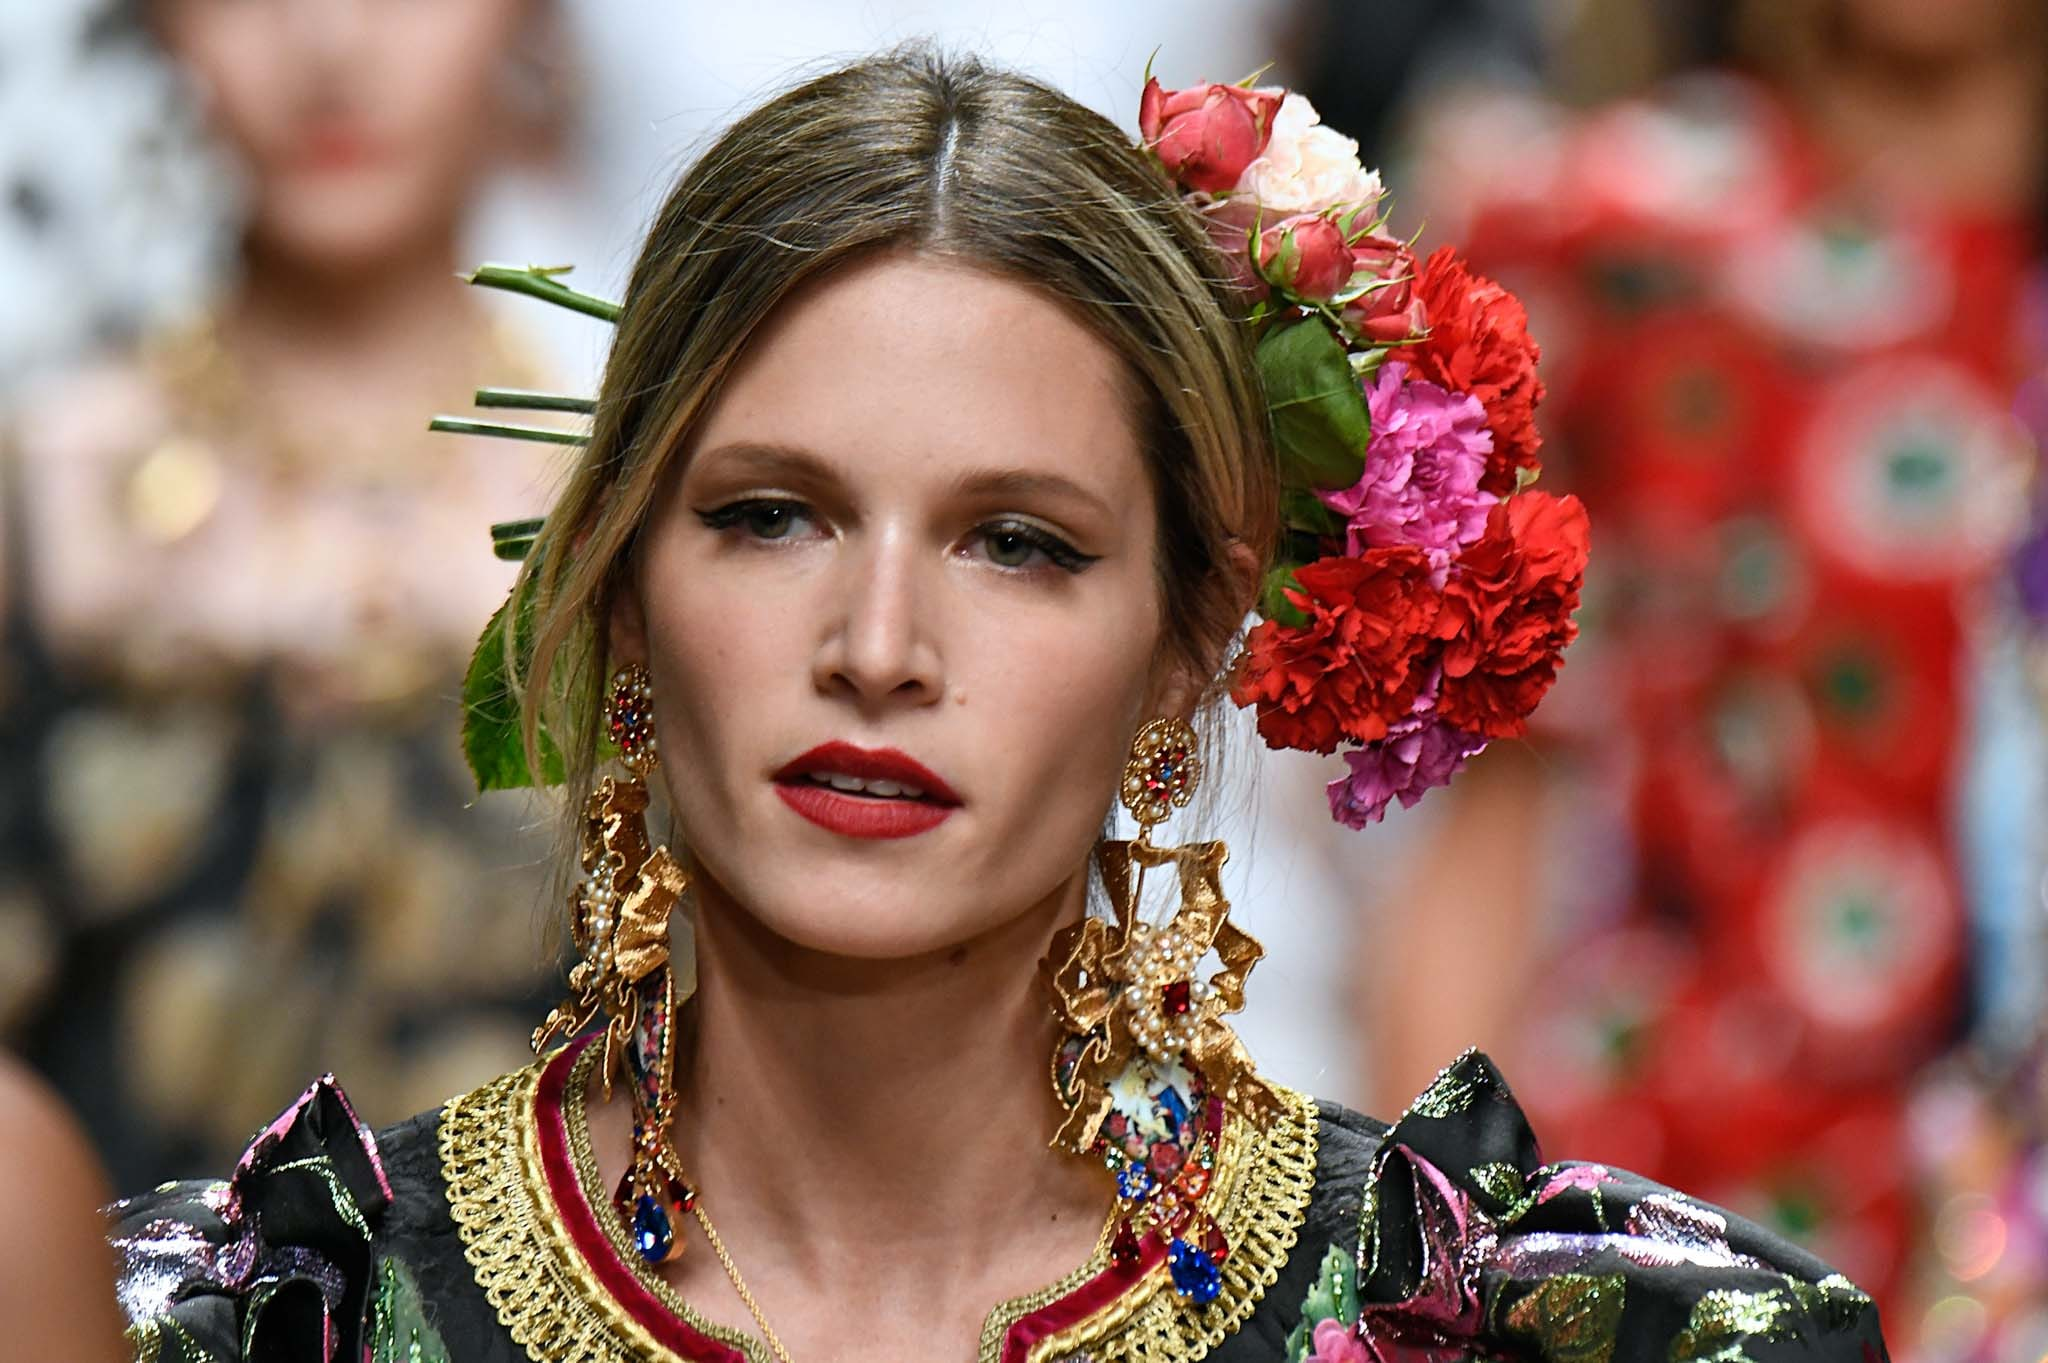 Mujer rubia de melena atada con raya al medio, lleva una gran corona de flores naturales a un costado del cabello